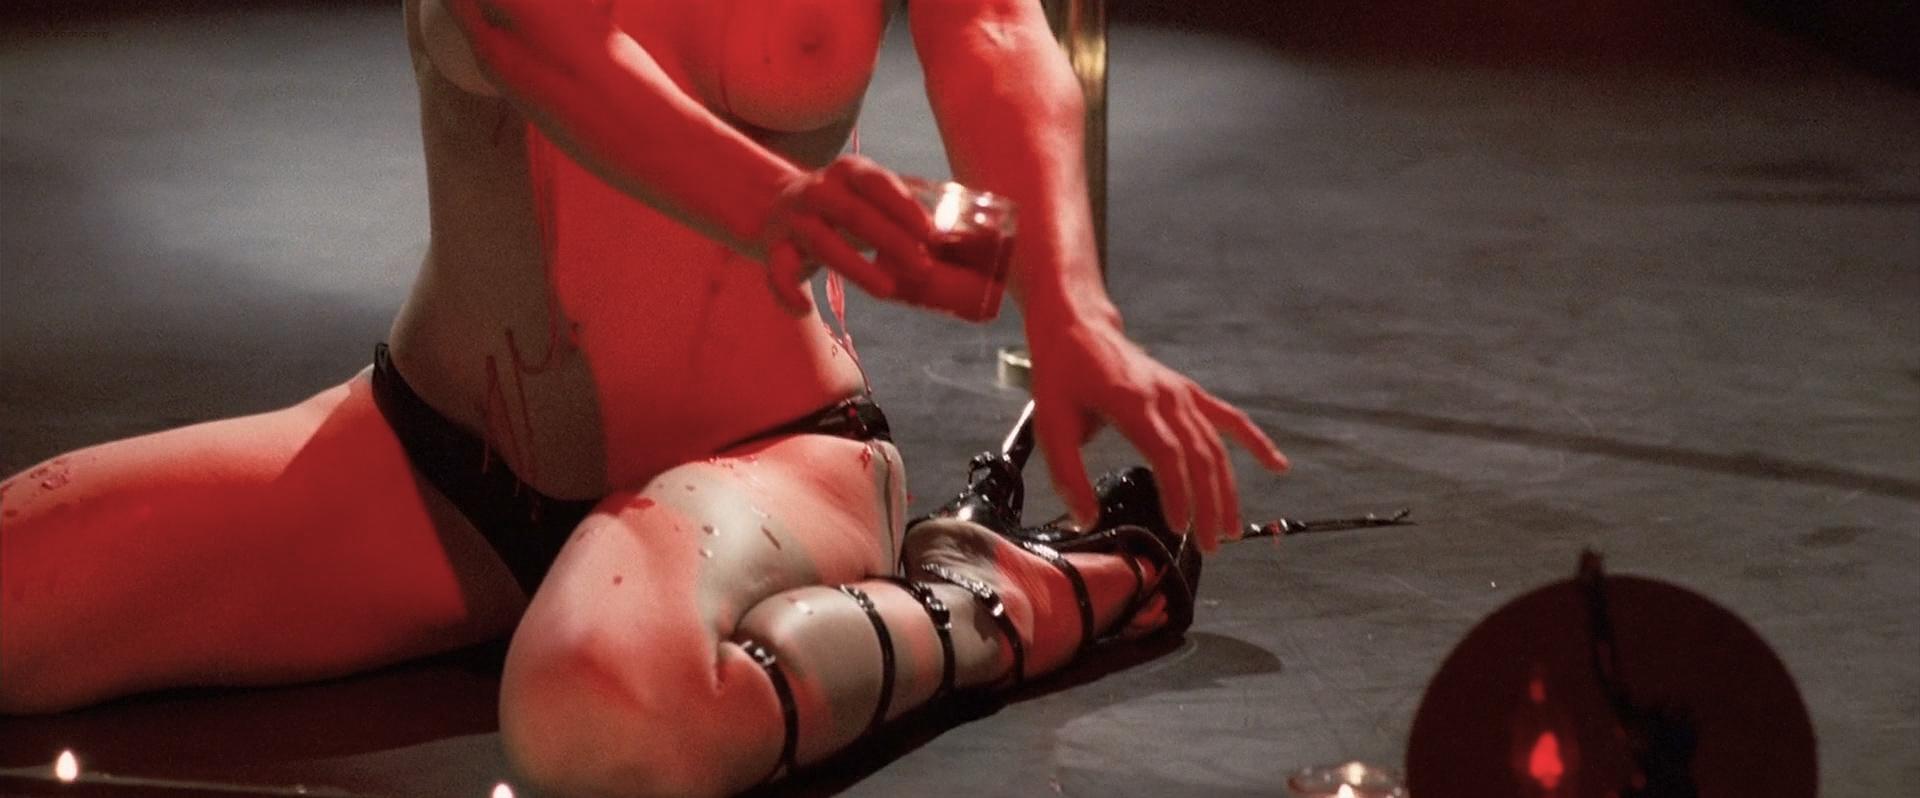 Jessica Biel nude topless ultra hot - Powder Blue (2009) HD 1080p BluRay (17)